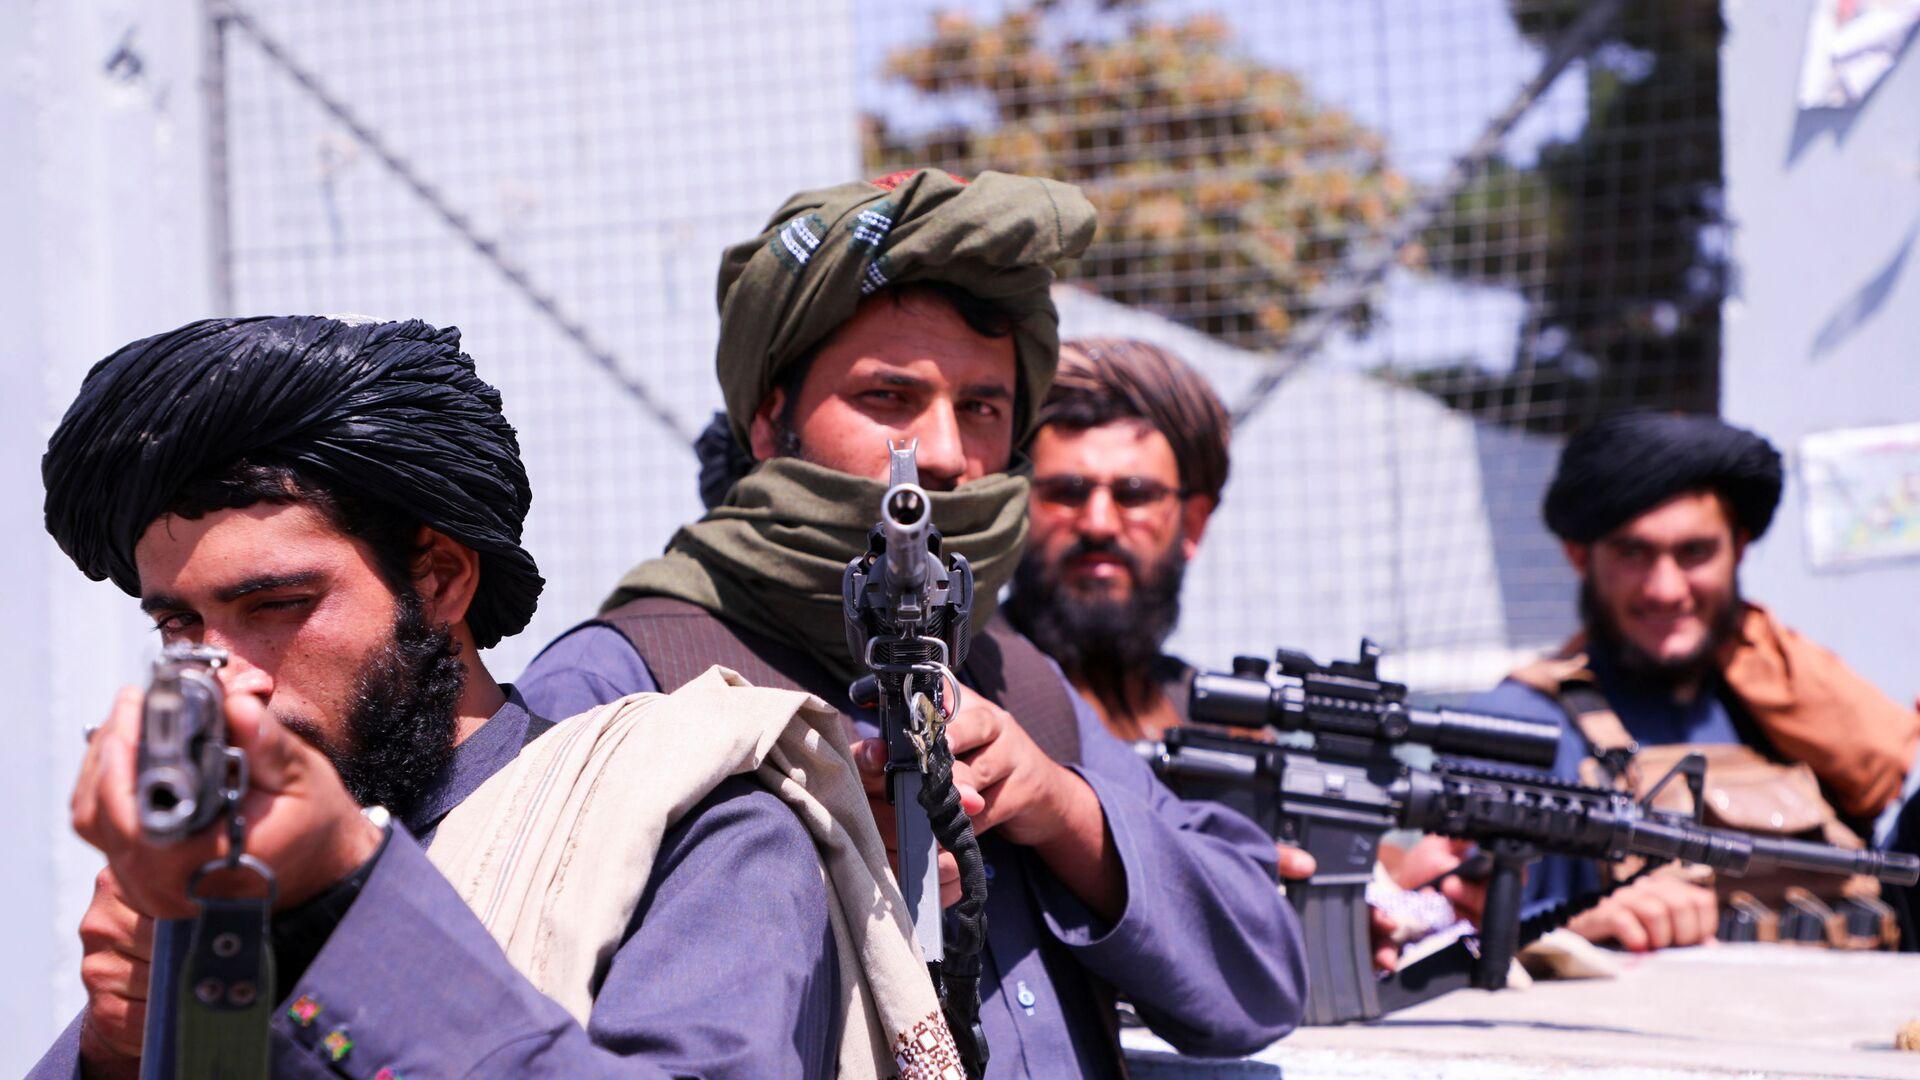 Боевики движения Талибан (террористическая группировка, запрещеннфая в РФ) в Кабуле, 2 сентября 2021 года - Sputnik Azərbaycan, 1920, 28.09.2021